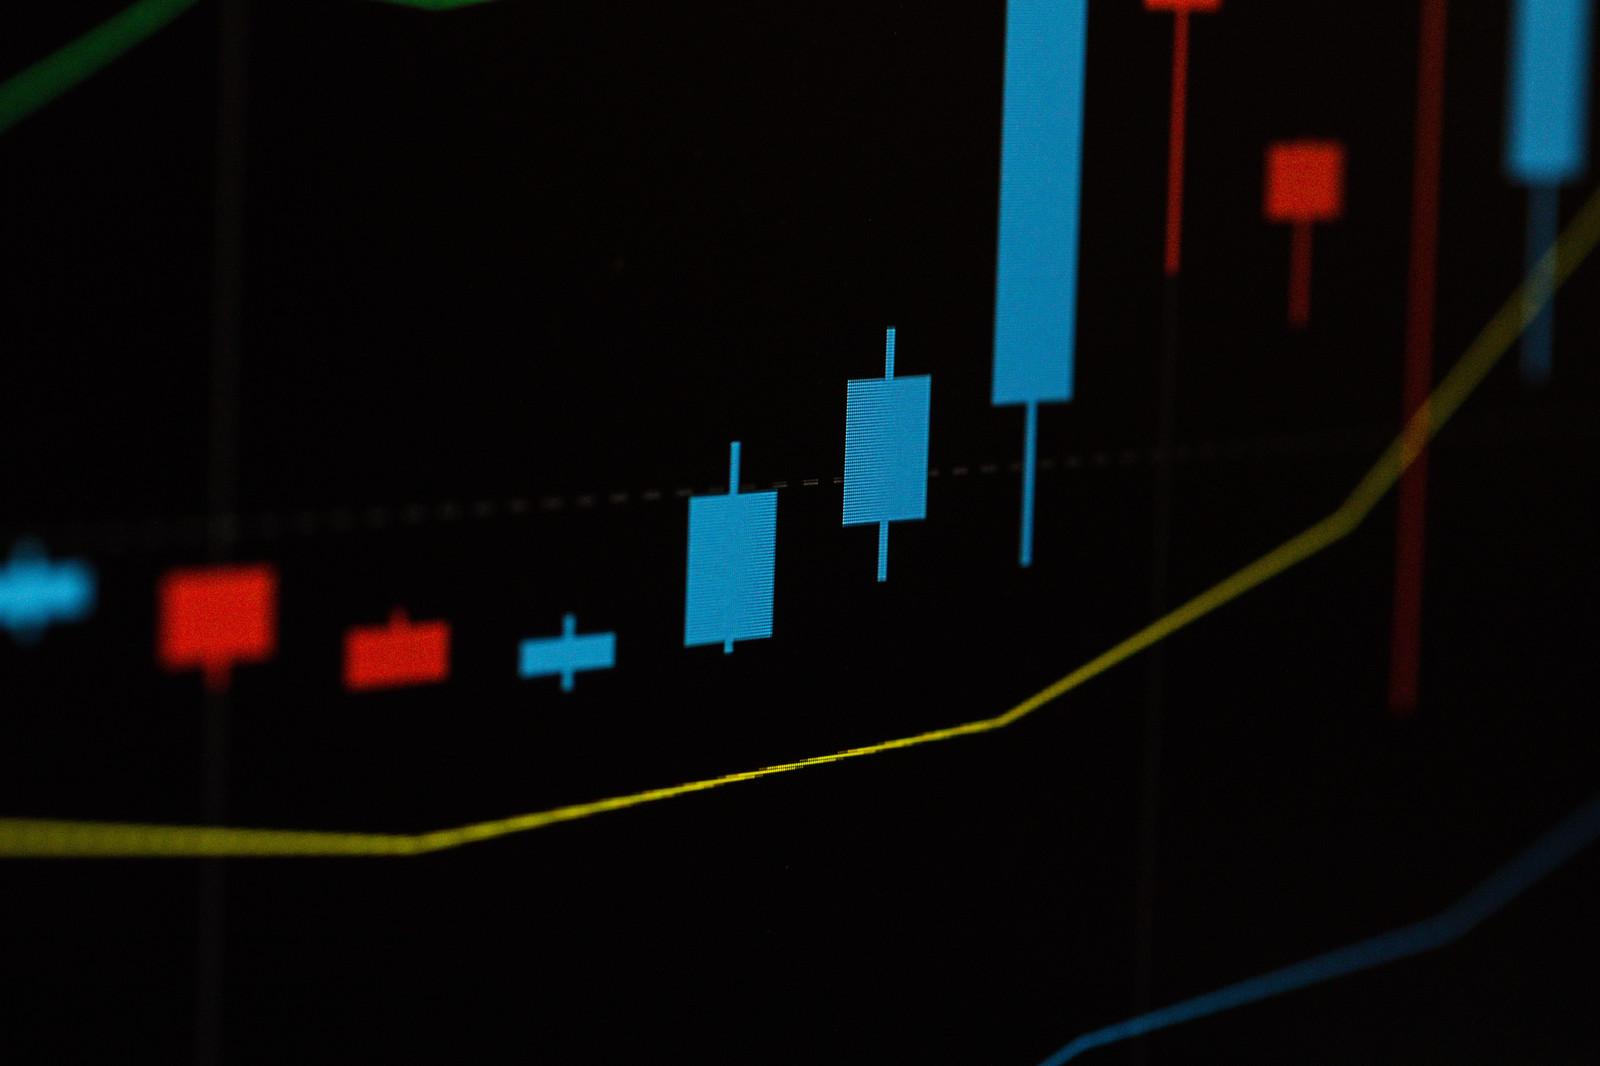 ファンドとは何か?仕組みやメリット、デメリットをわかりやすく解説!